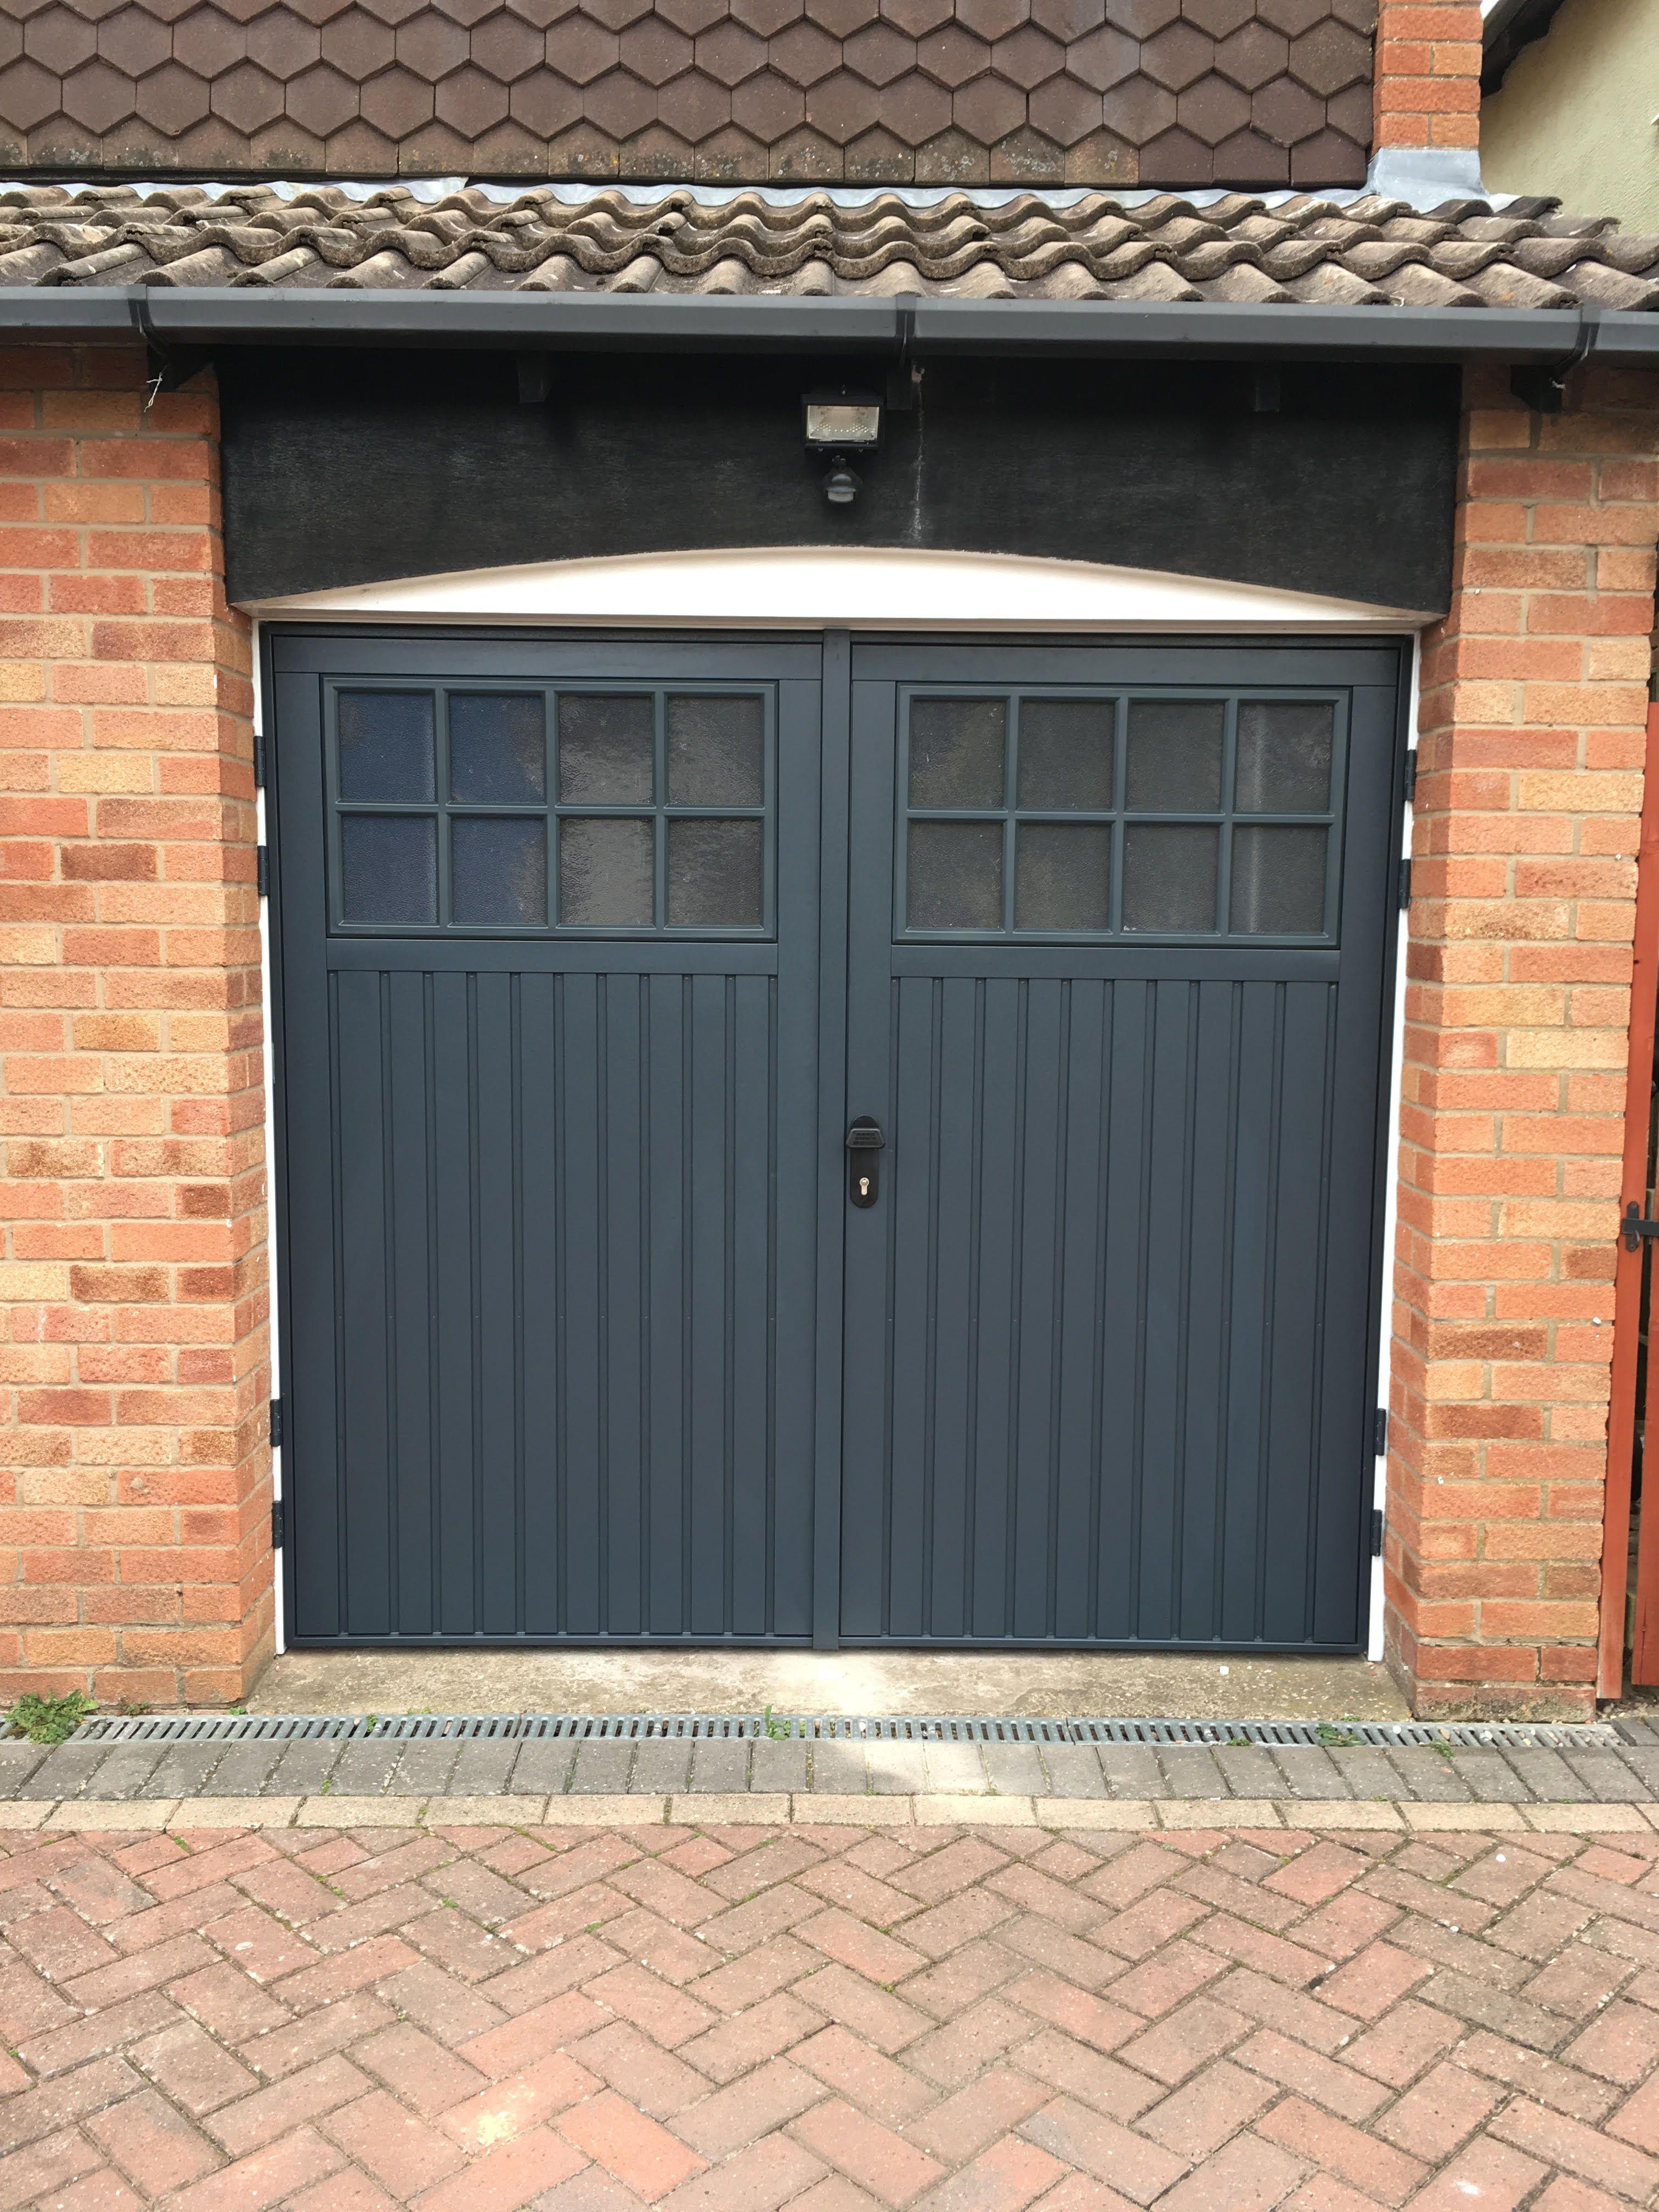 Cardale Bedford Side Hinged Garage Doors In Anthracite Grey Side Hinged Garage Doors Wooden Garage Doors Garage Door Design